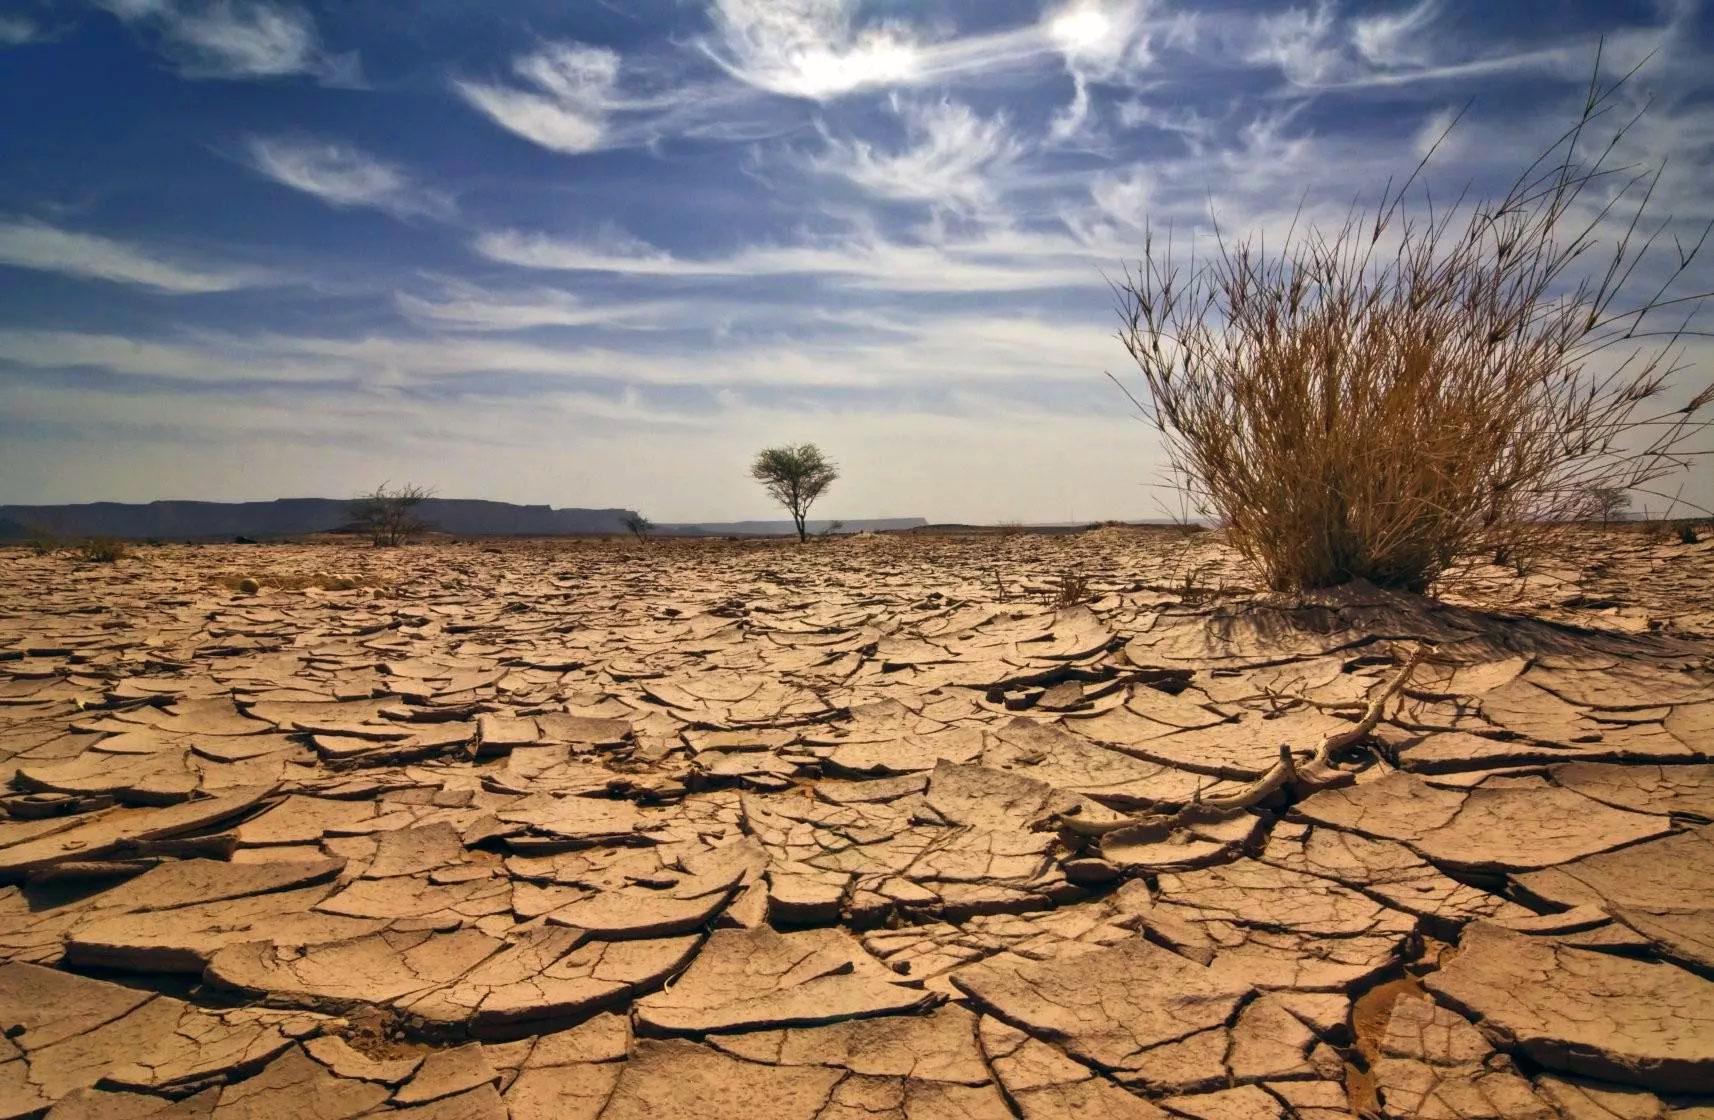 Опустынивание земель: проблемы, причины и борьба с опустыниванием